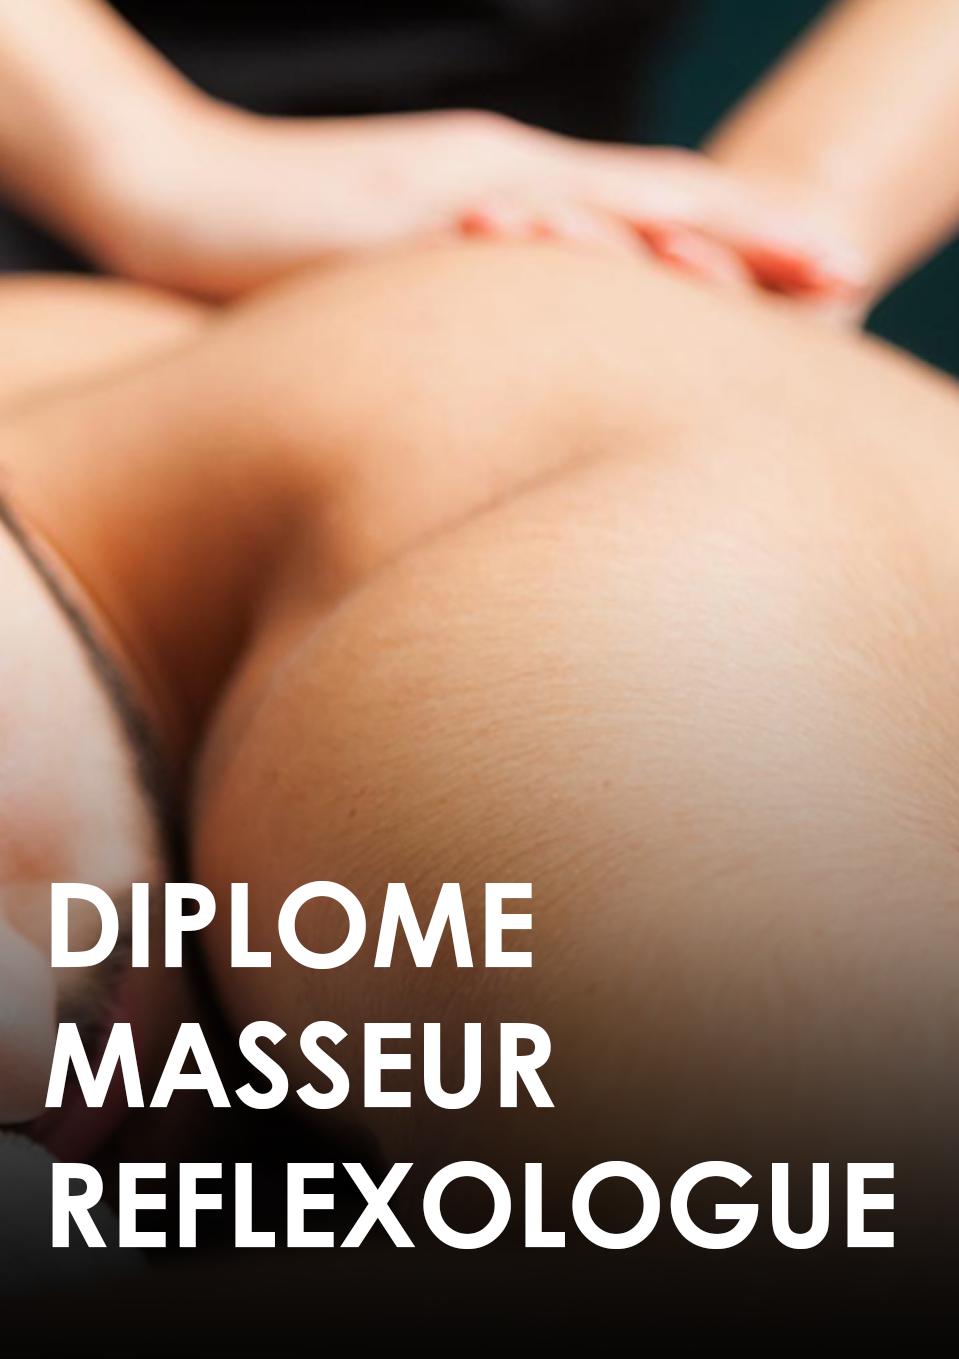 diplome_masseur_reflexologue